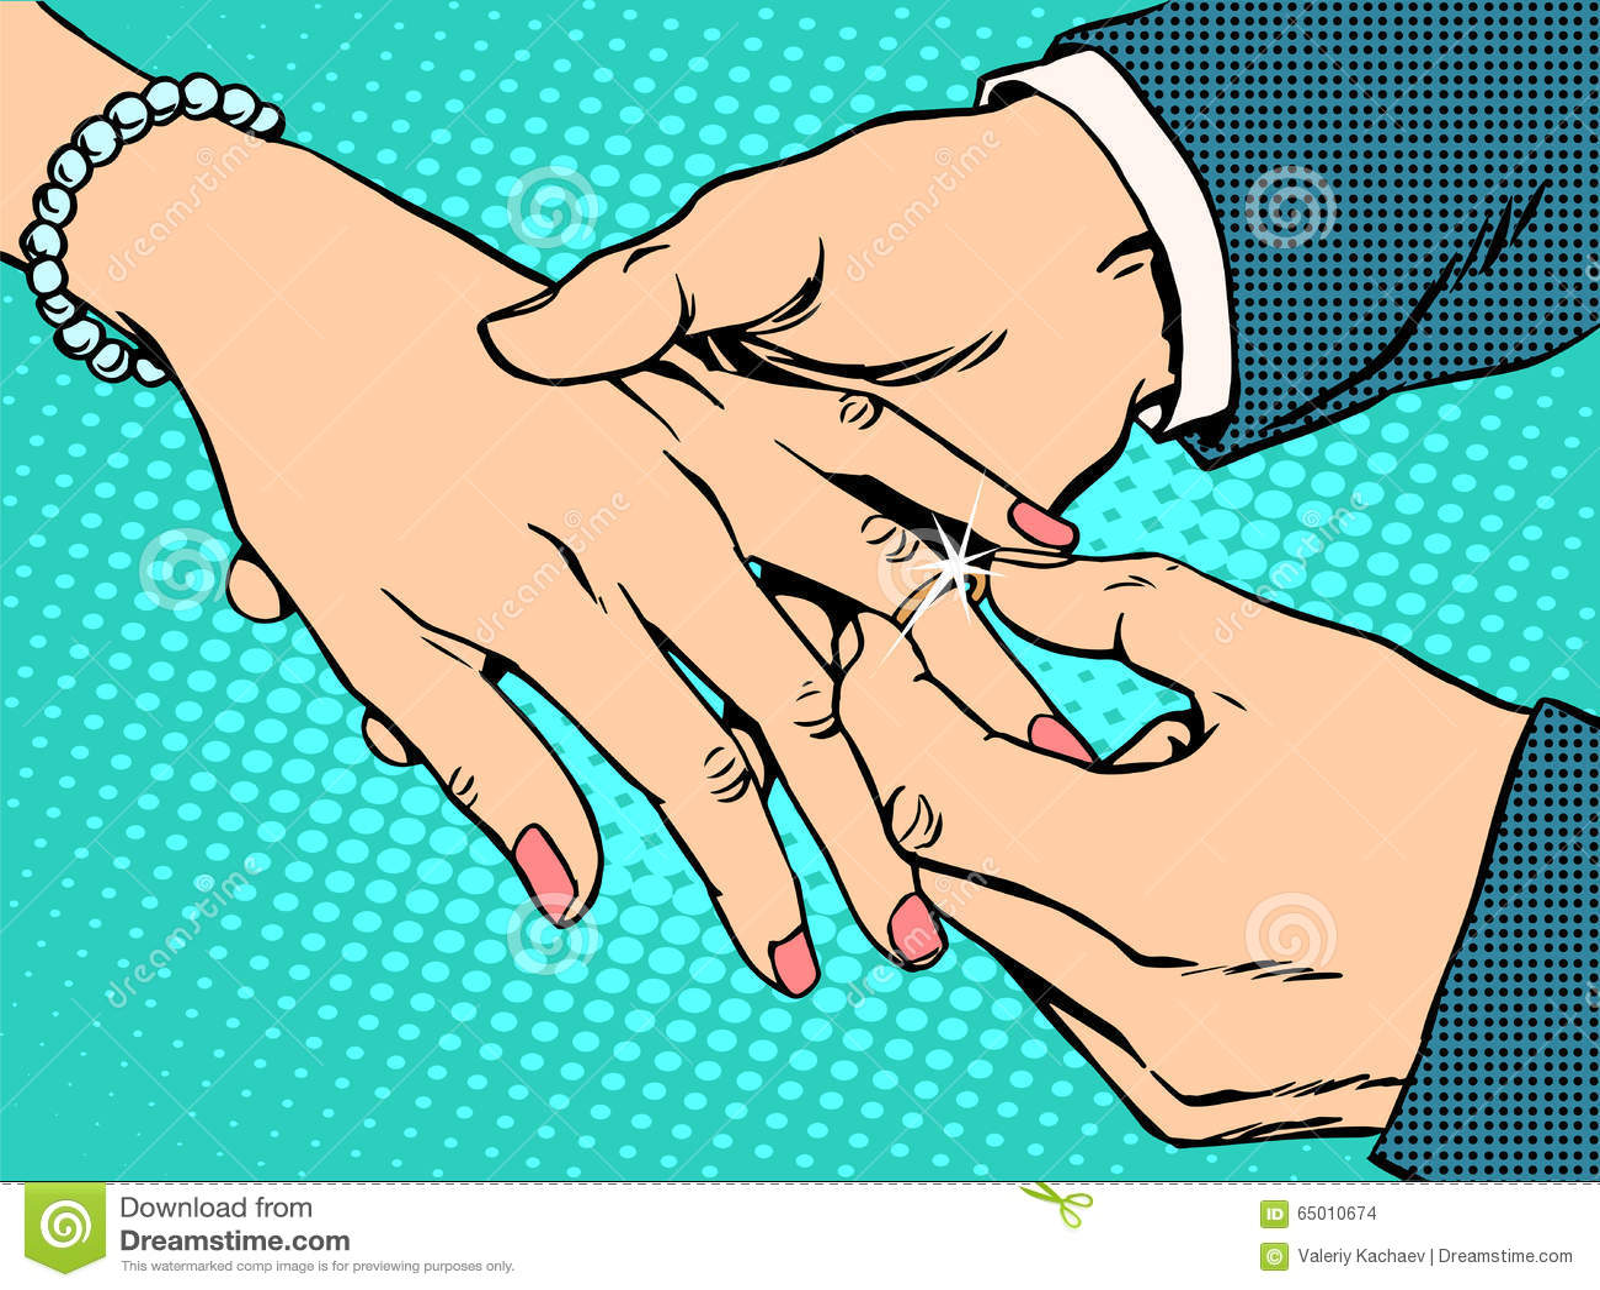 订婚婚礼新娘新郎金戒指图片